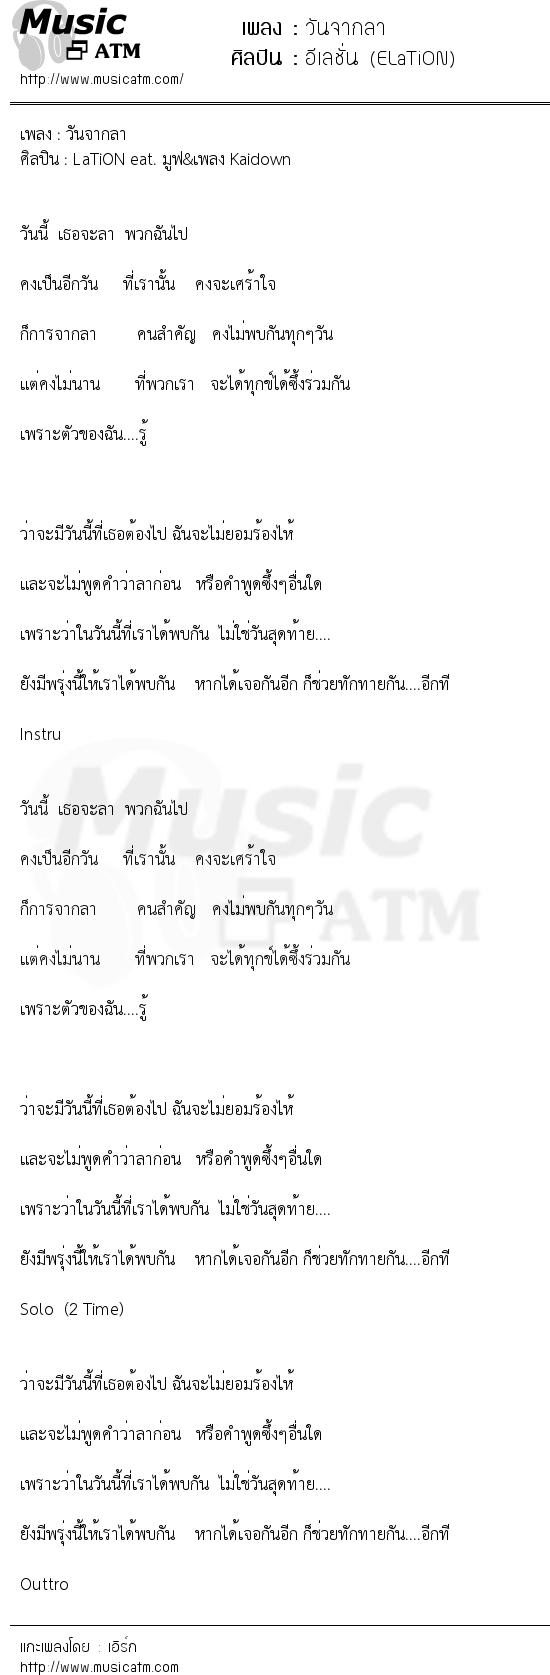 เนื้อเพลง วันจากลา - อีเลชั่น (ELaTiON)   เพลงไทย